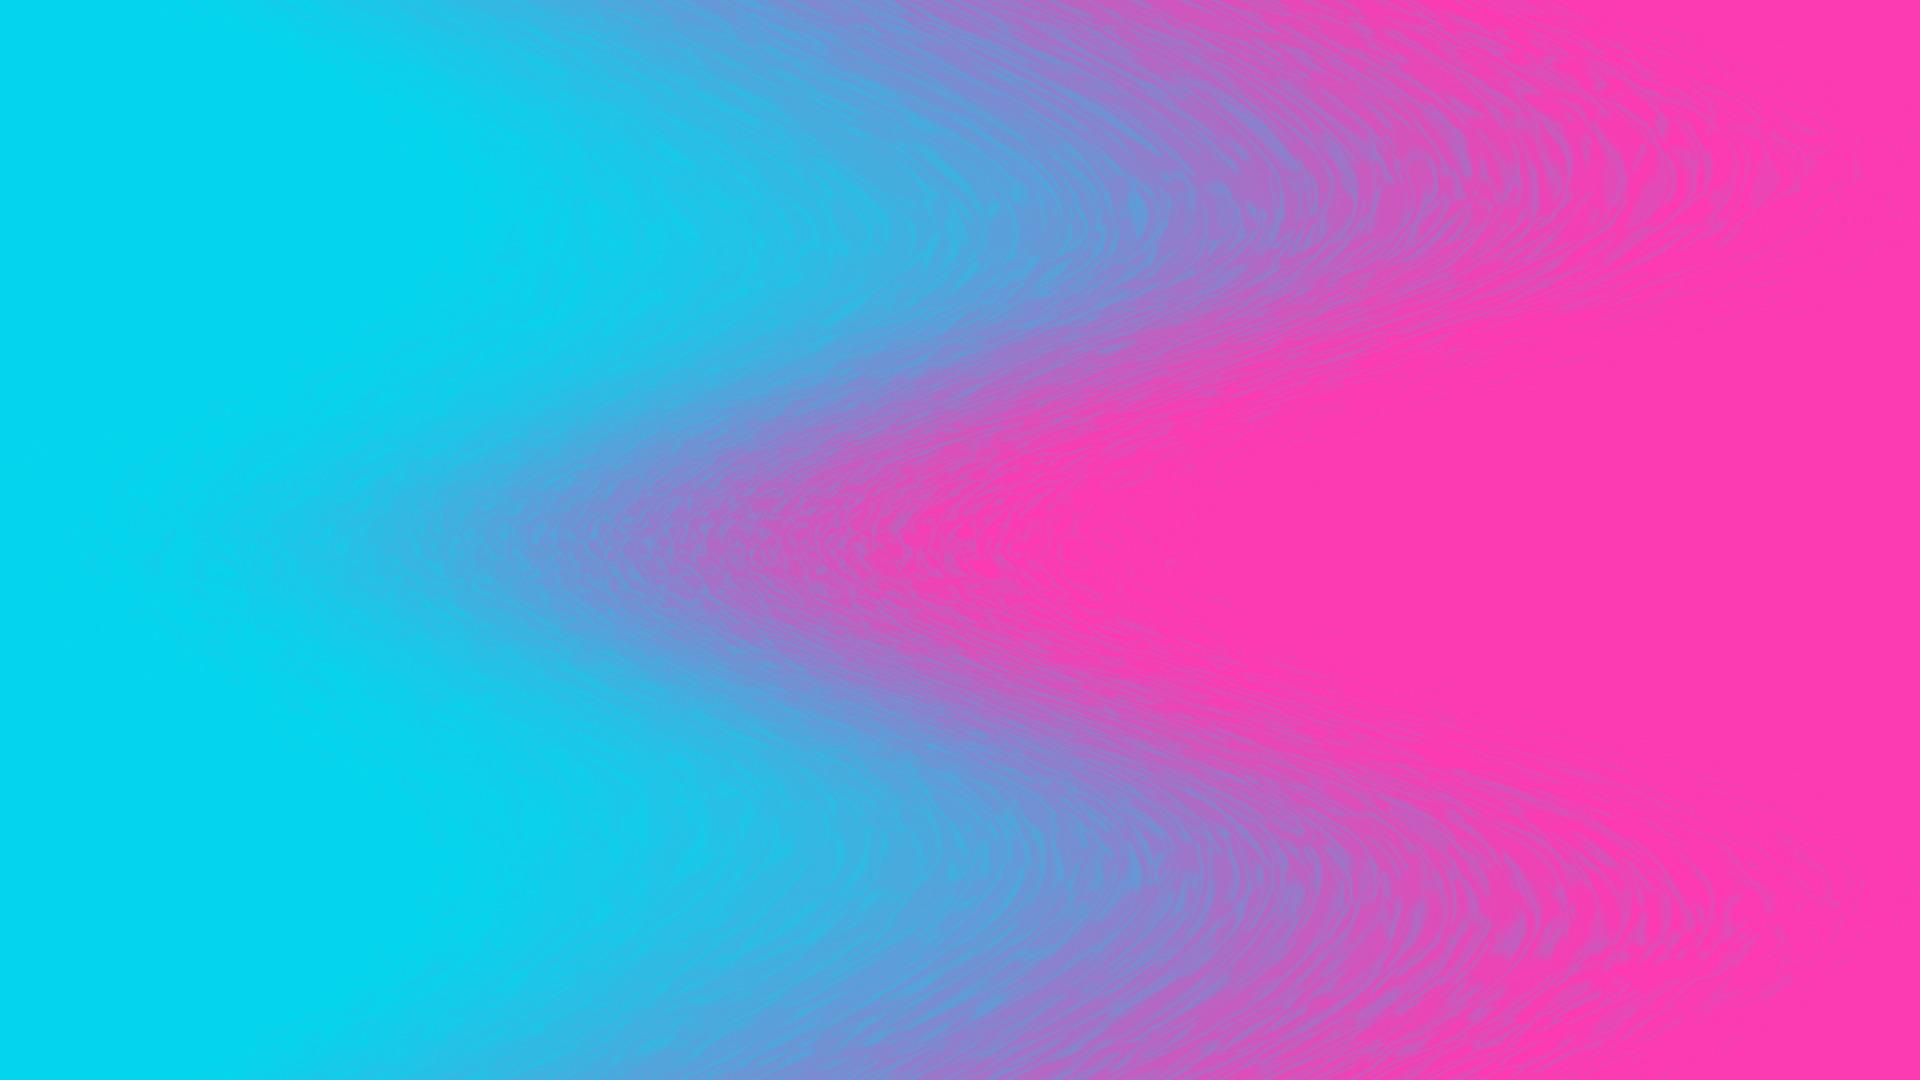 Pink and Blue Wallpaper - WallpaperSafari